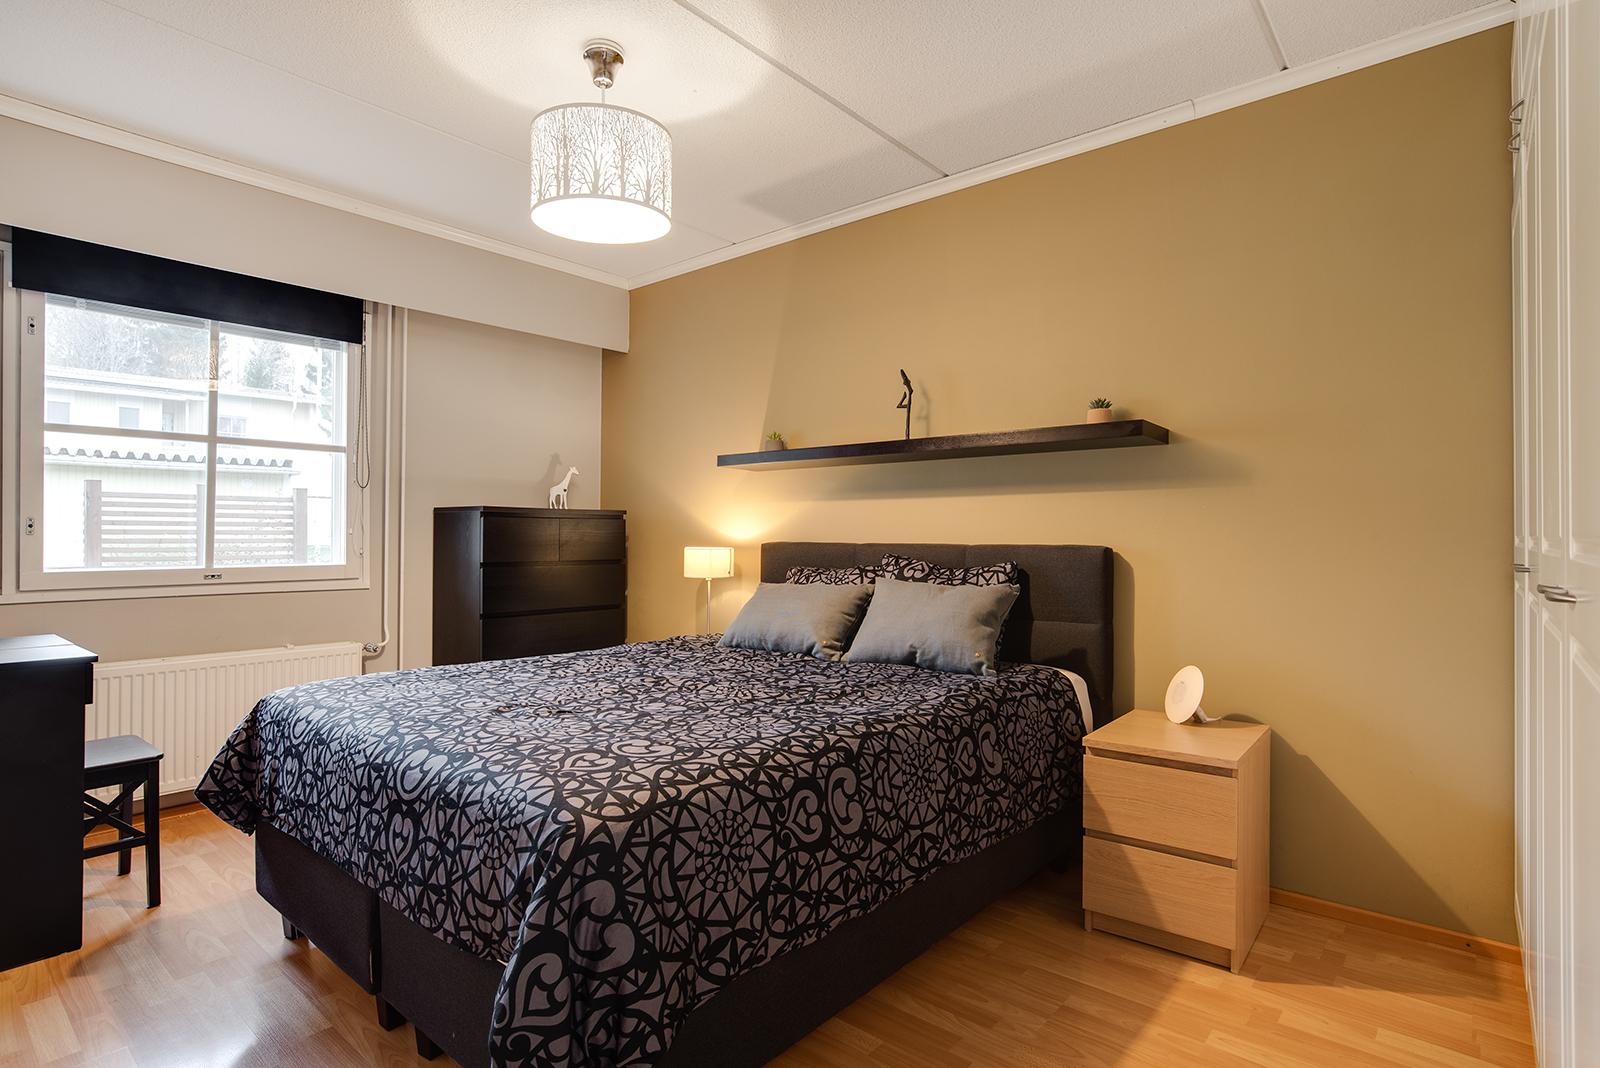 Tässä makuuhuoneessa reilusti kaappitilaa/ Rikligt med skåputrymme i detta sovrum